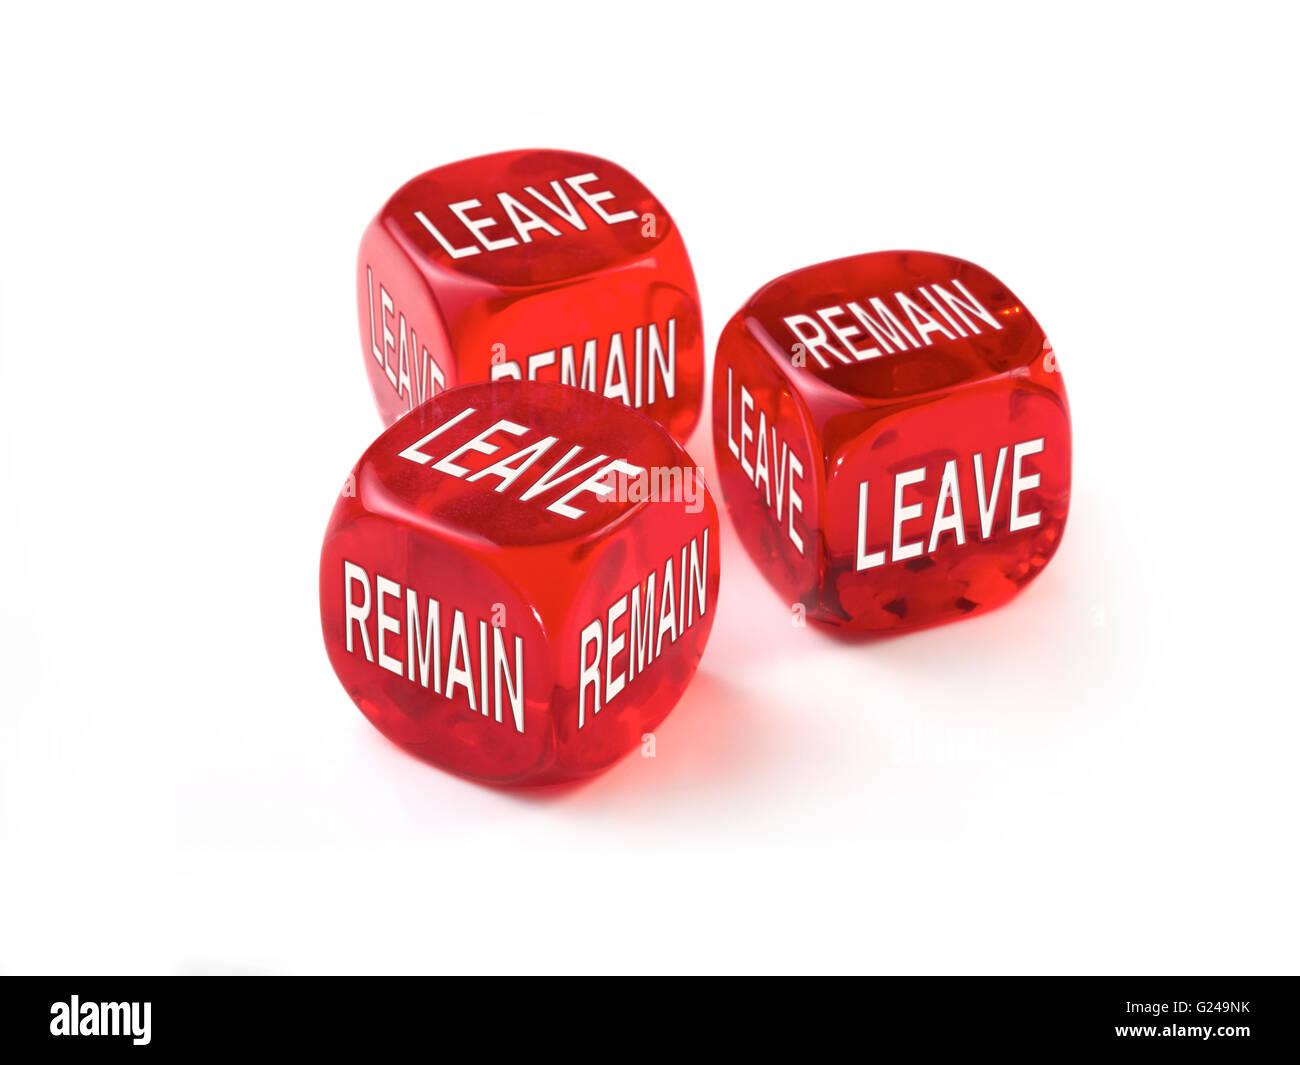 Verlassen Sie oder bleiben Sie Dice-Konzept. Vereinigtes Königreich Wahlen zum Europäischen Parlament Stockbild